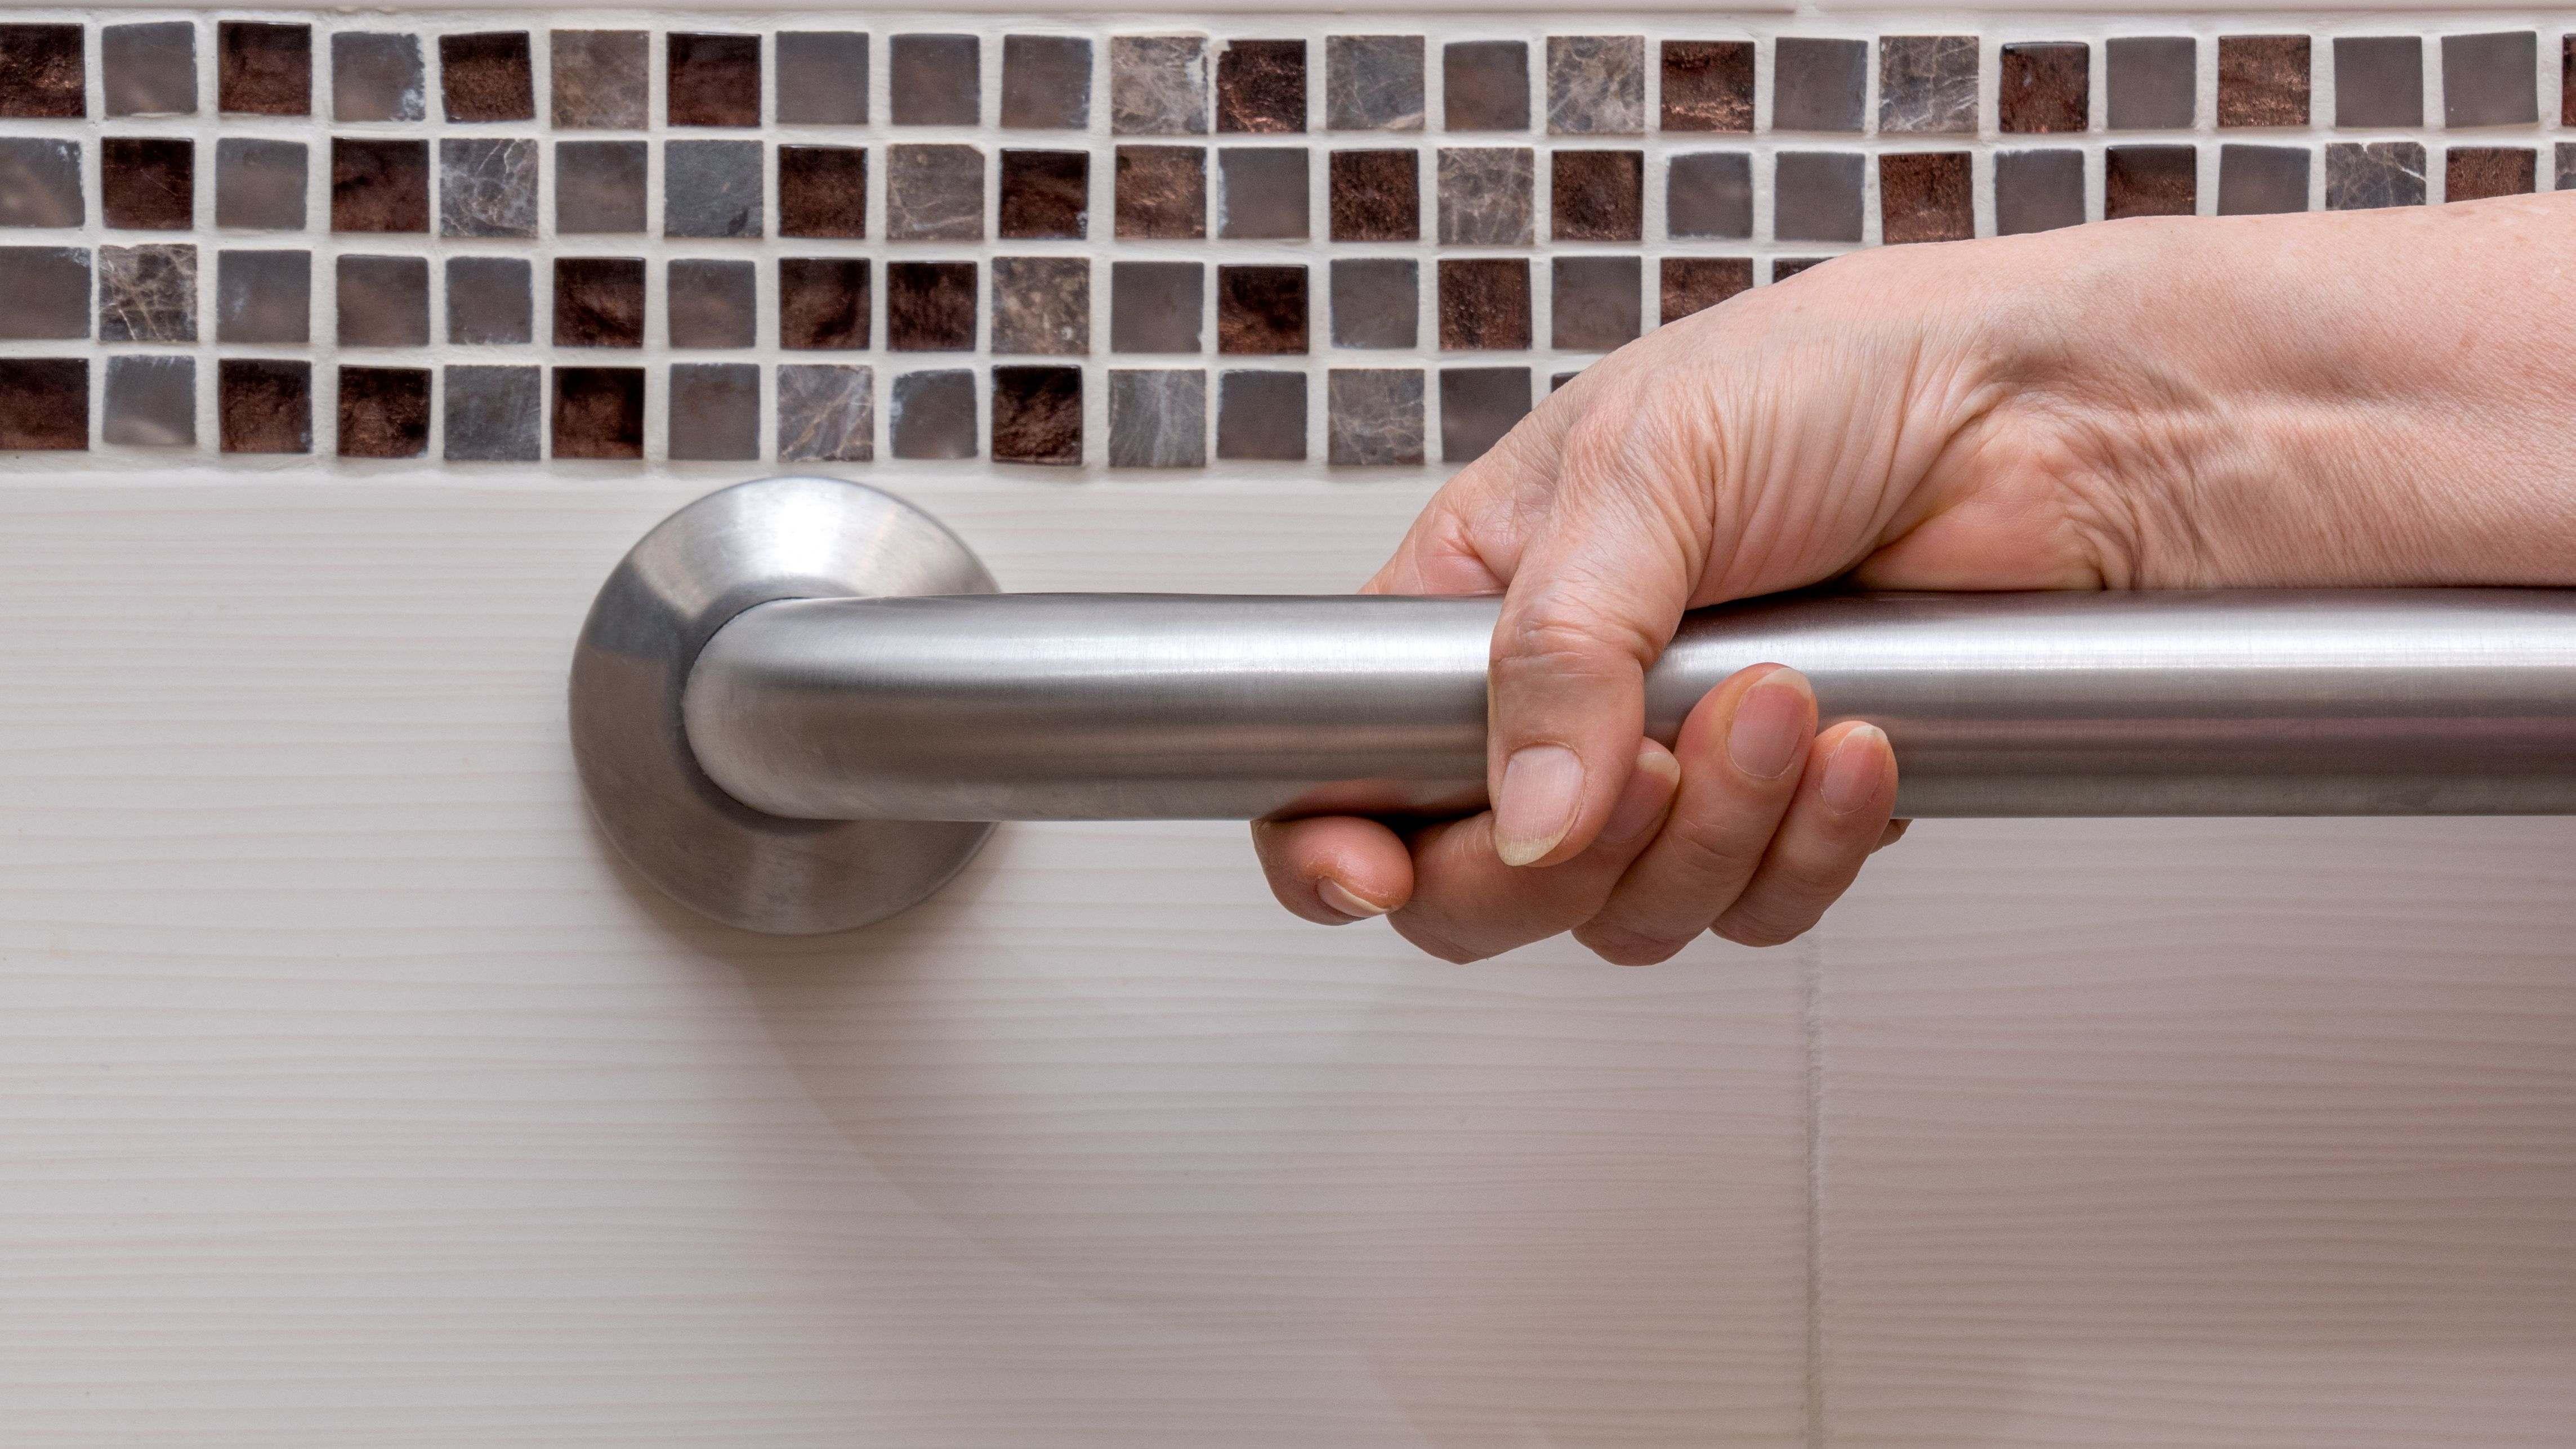 Cómo elegir accesorios de seguridad en el baño